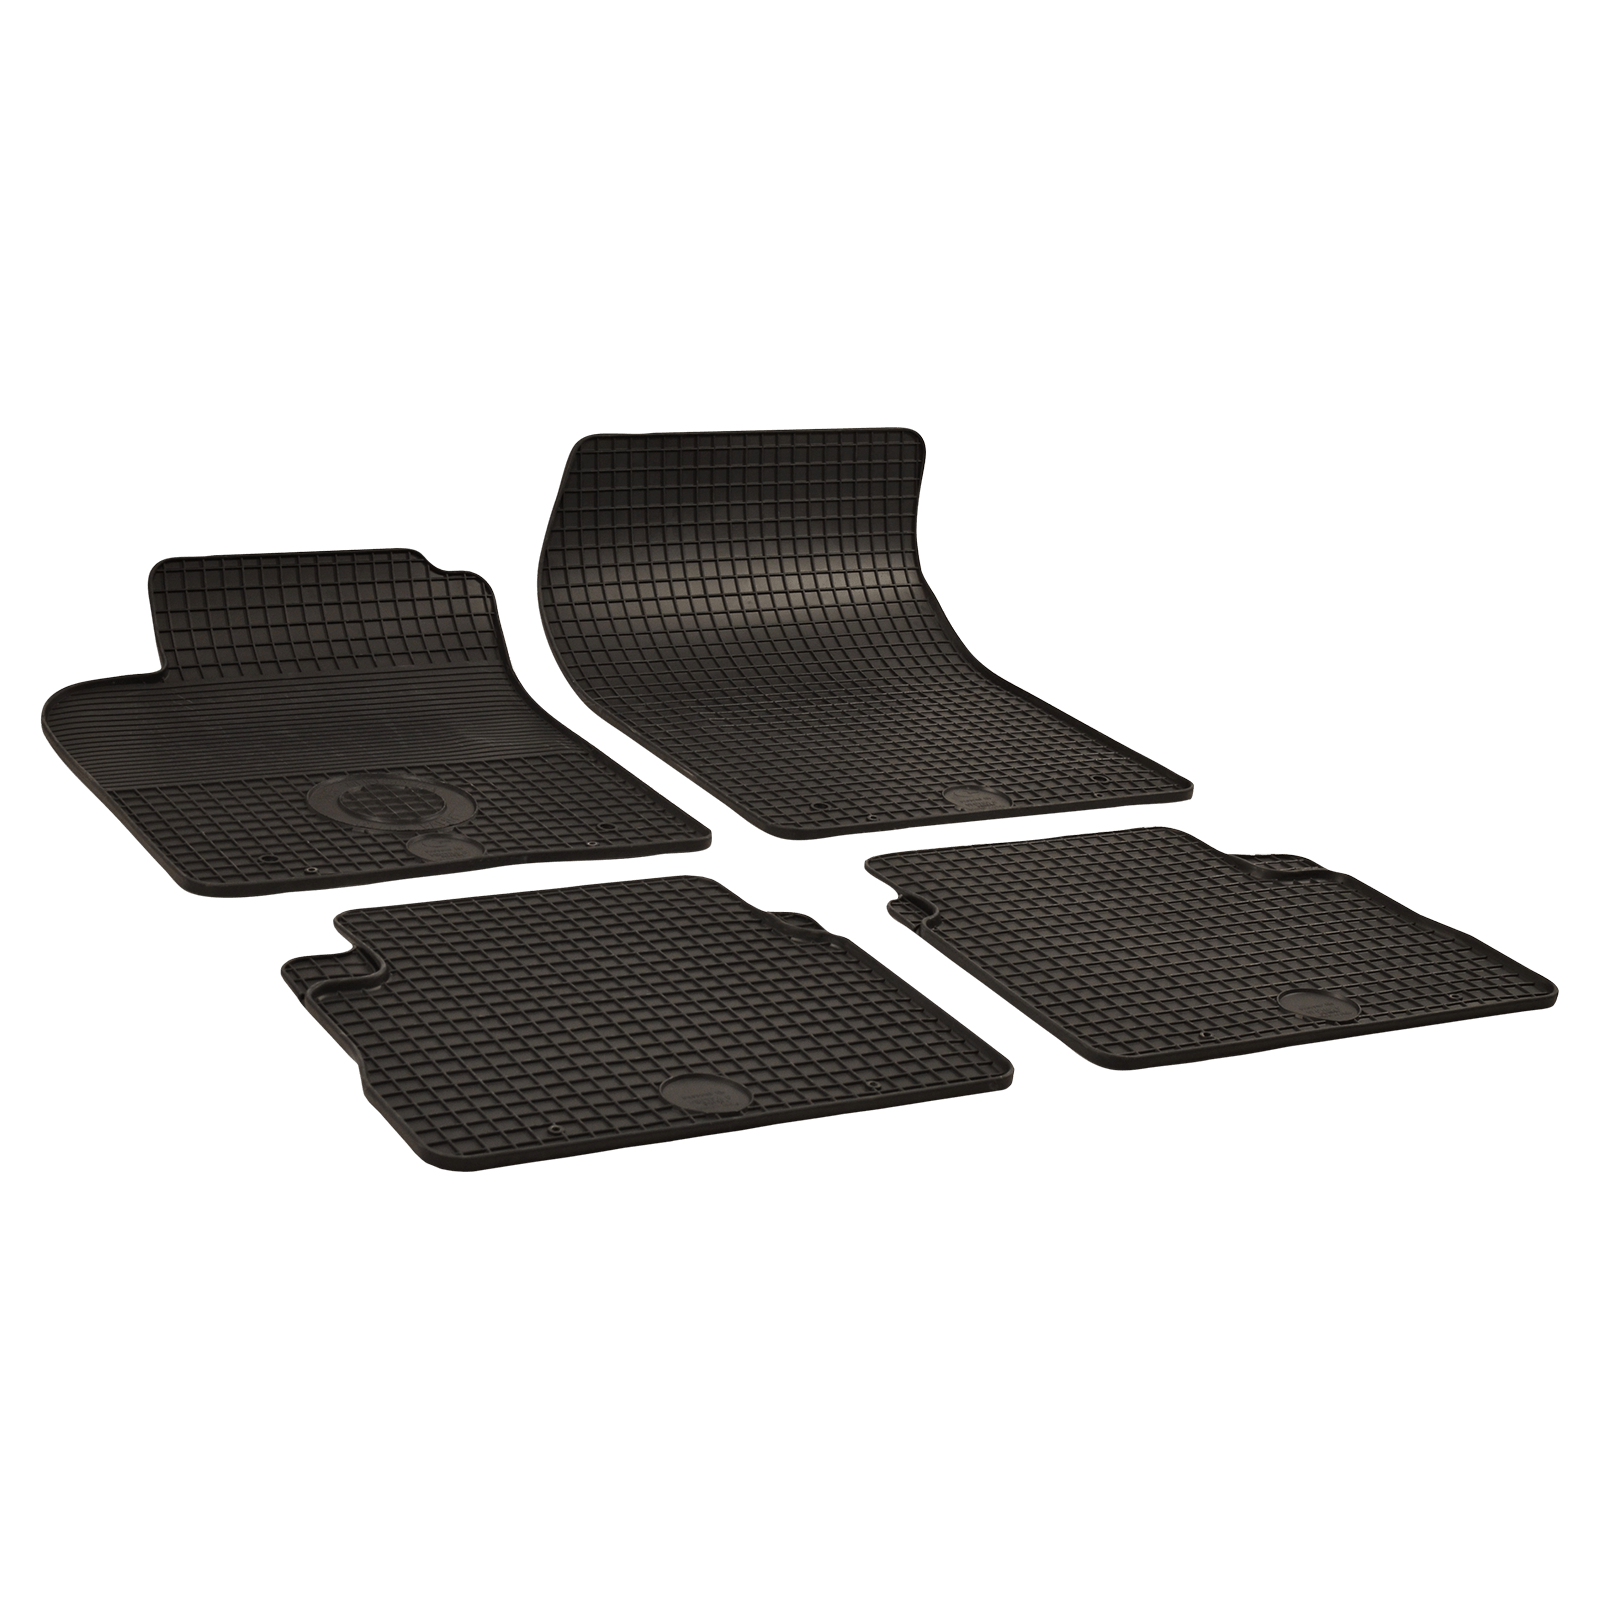 tapis de sol en caoutchouc anthracite pour opel vectra c gts bj. Black Bedroom Furniture Sets. Home Design Ideas